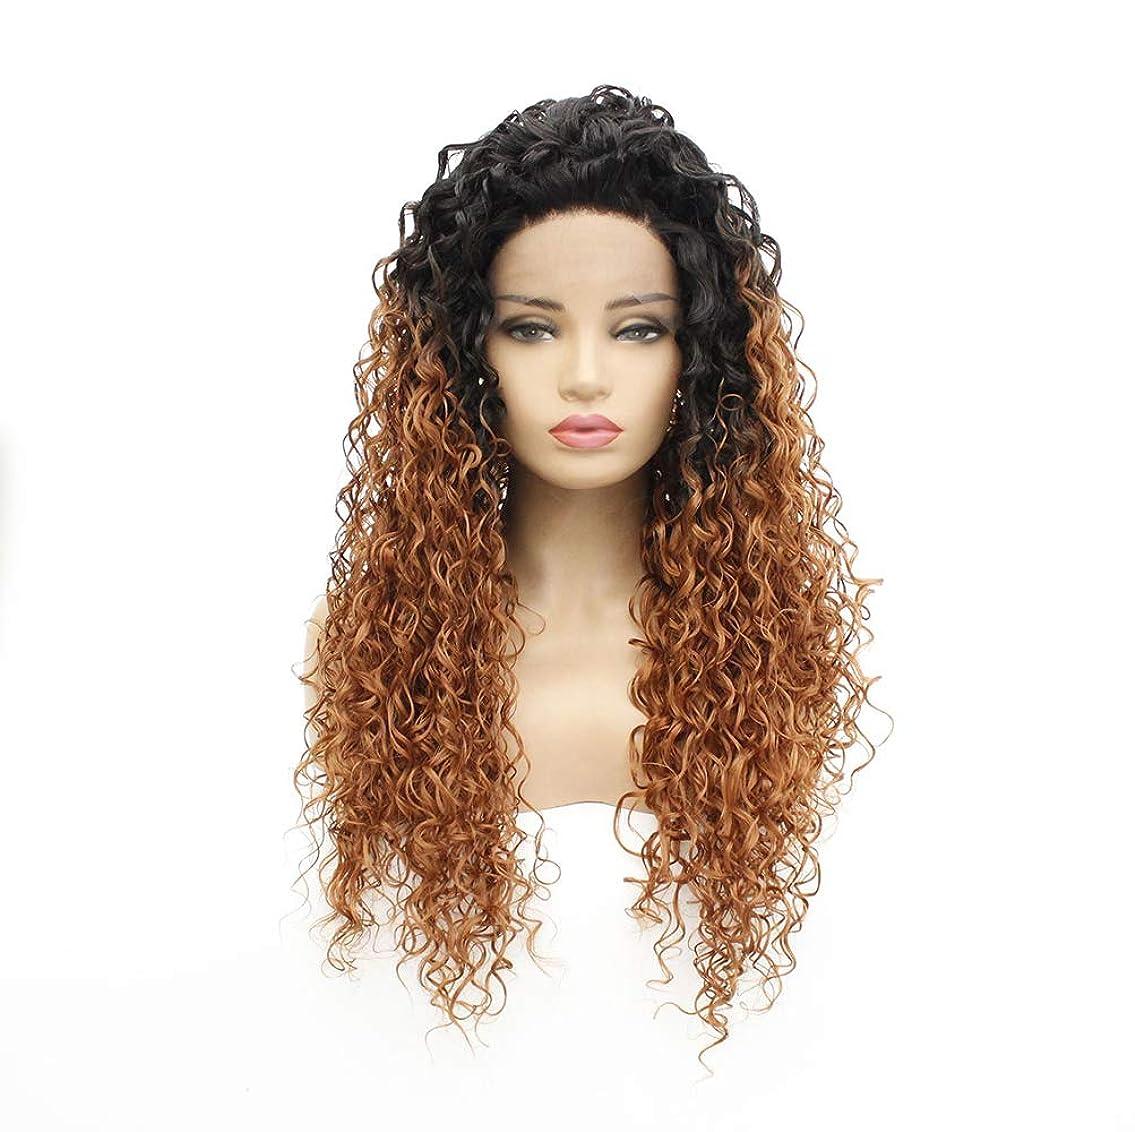 ピンポイントコントラスト略語女性150密度フロントレースかつらブラジルのremy耐熱繊維人工毛の赤ん坊の毛髪黒グラデーションブラウン